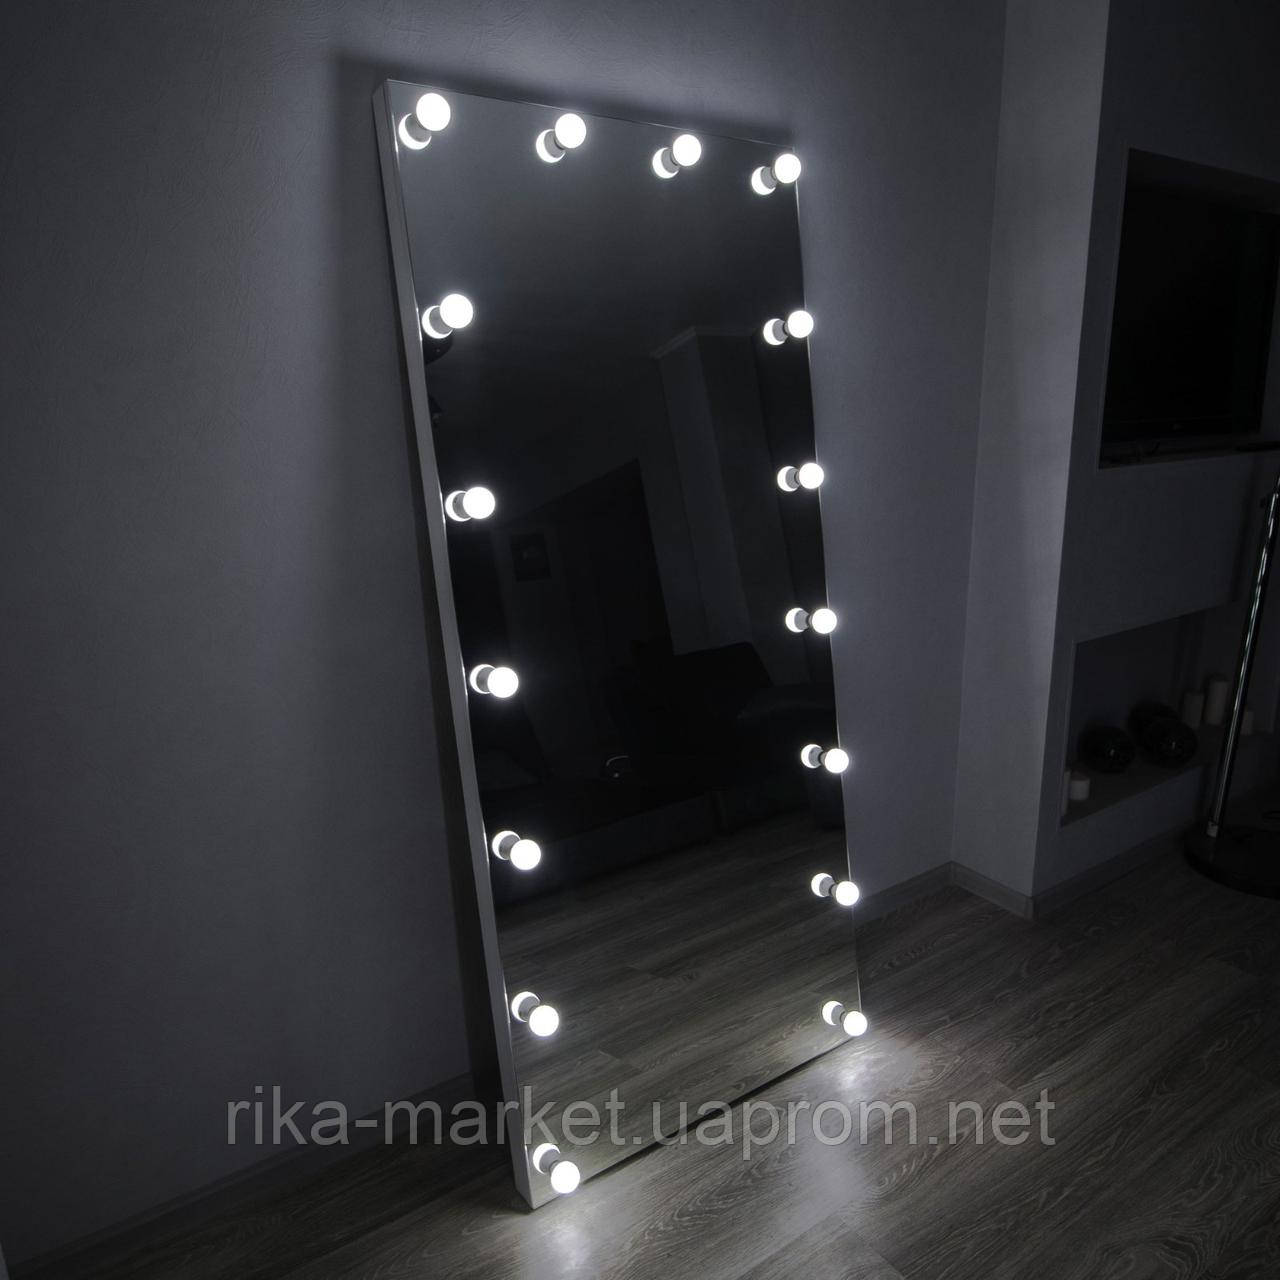 Гримерное бескаркасное  зеркало с подсветкой  в полный рост